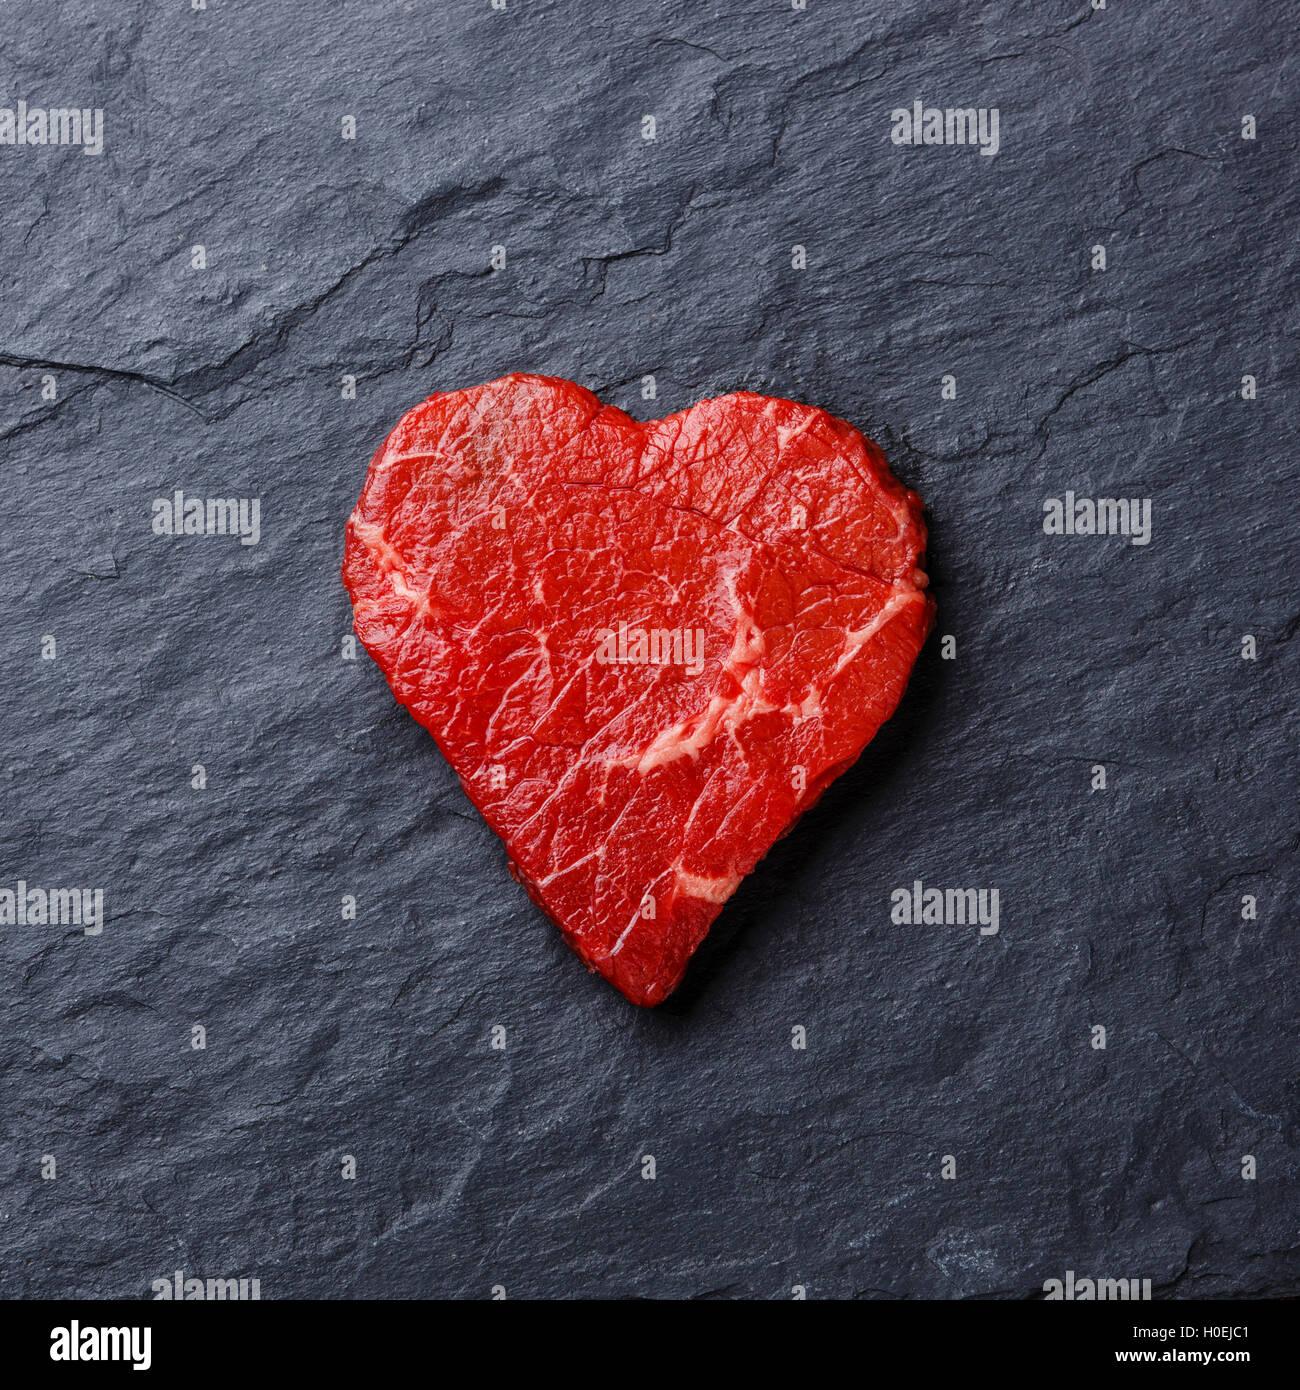 Forma di cuore crudo fresco di carne su pietra scura sullo sfondo di ardesia Immagini Stock